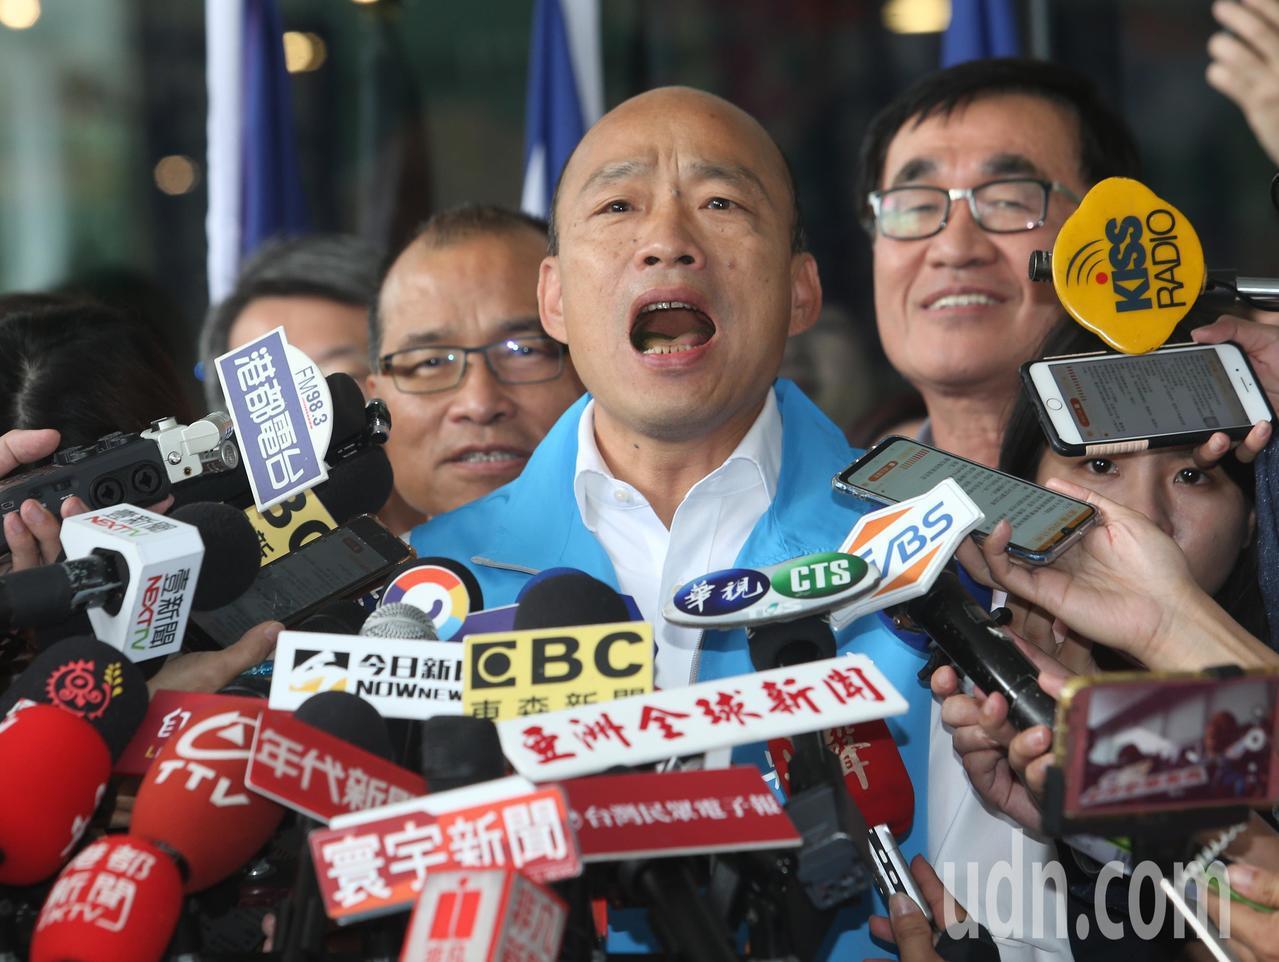 高雄市長韓國瑜今天上午宣布正式請假參選2020總統大選。記者劉學聖/攝影